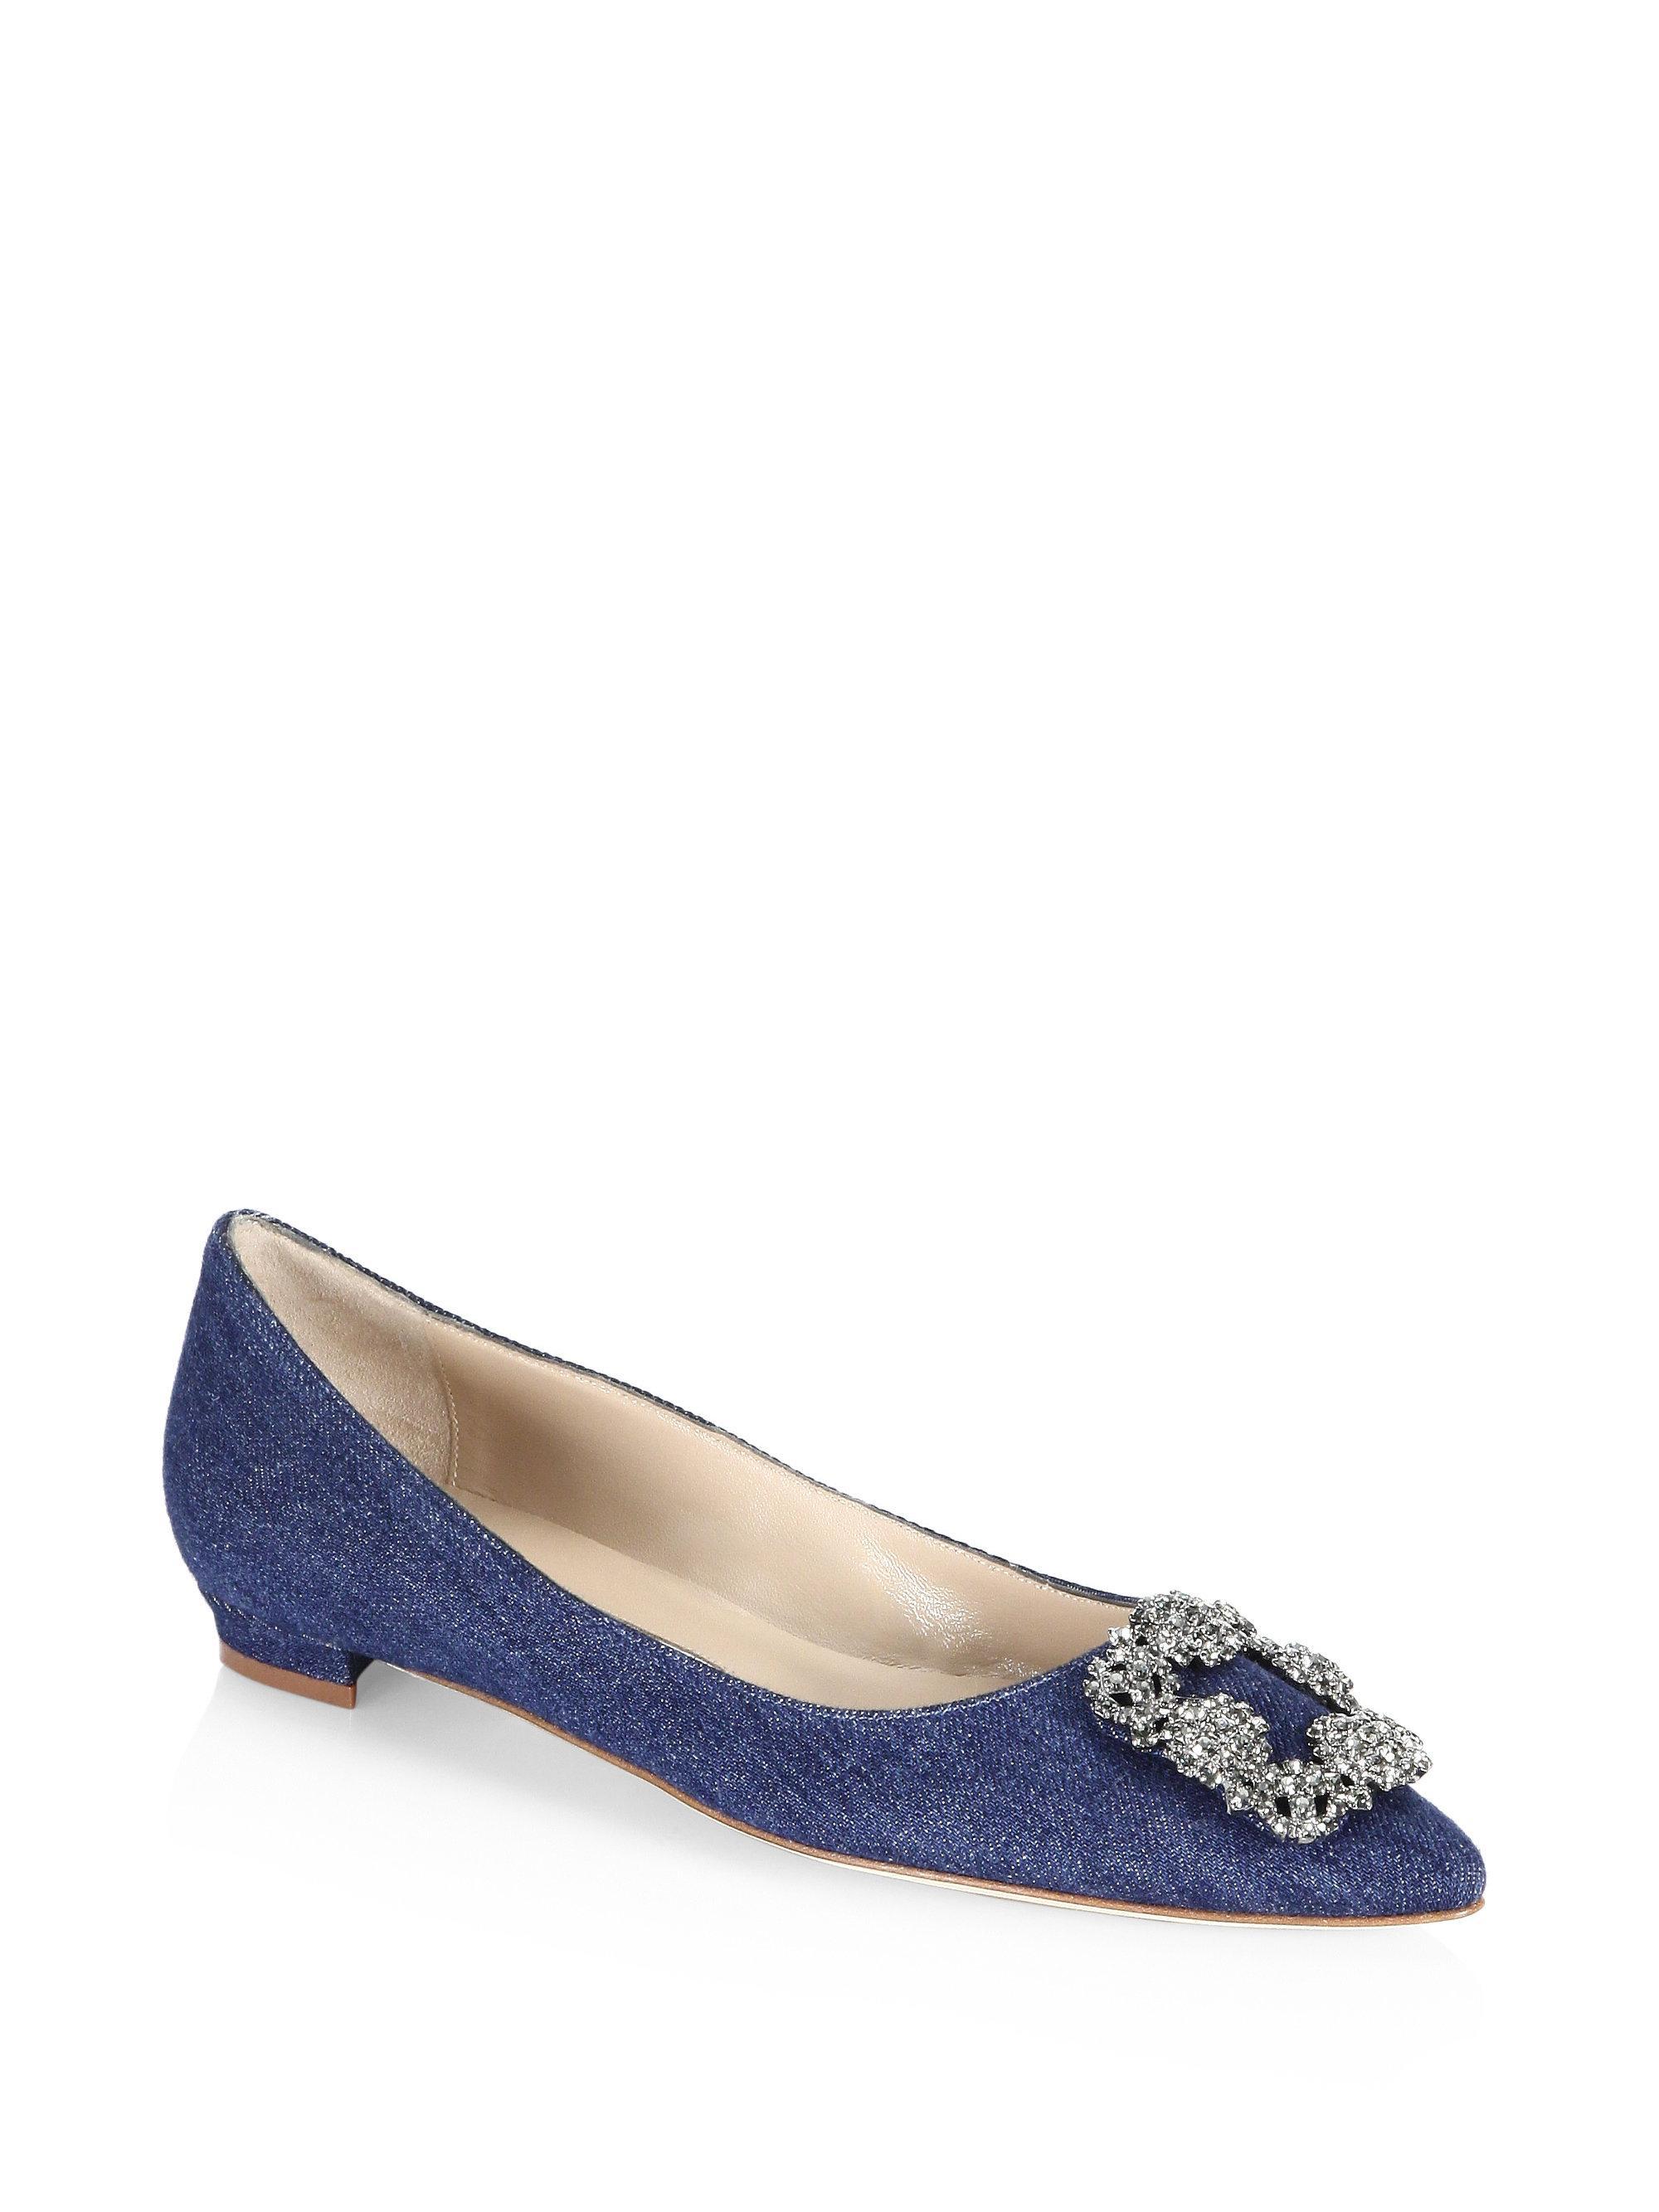 WallisBIBI - Ballet pumps - blue 3YTWYVG